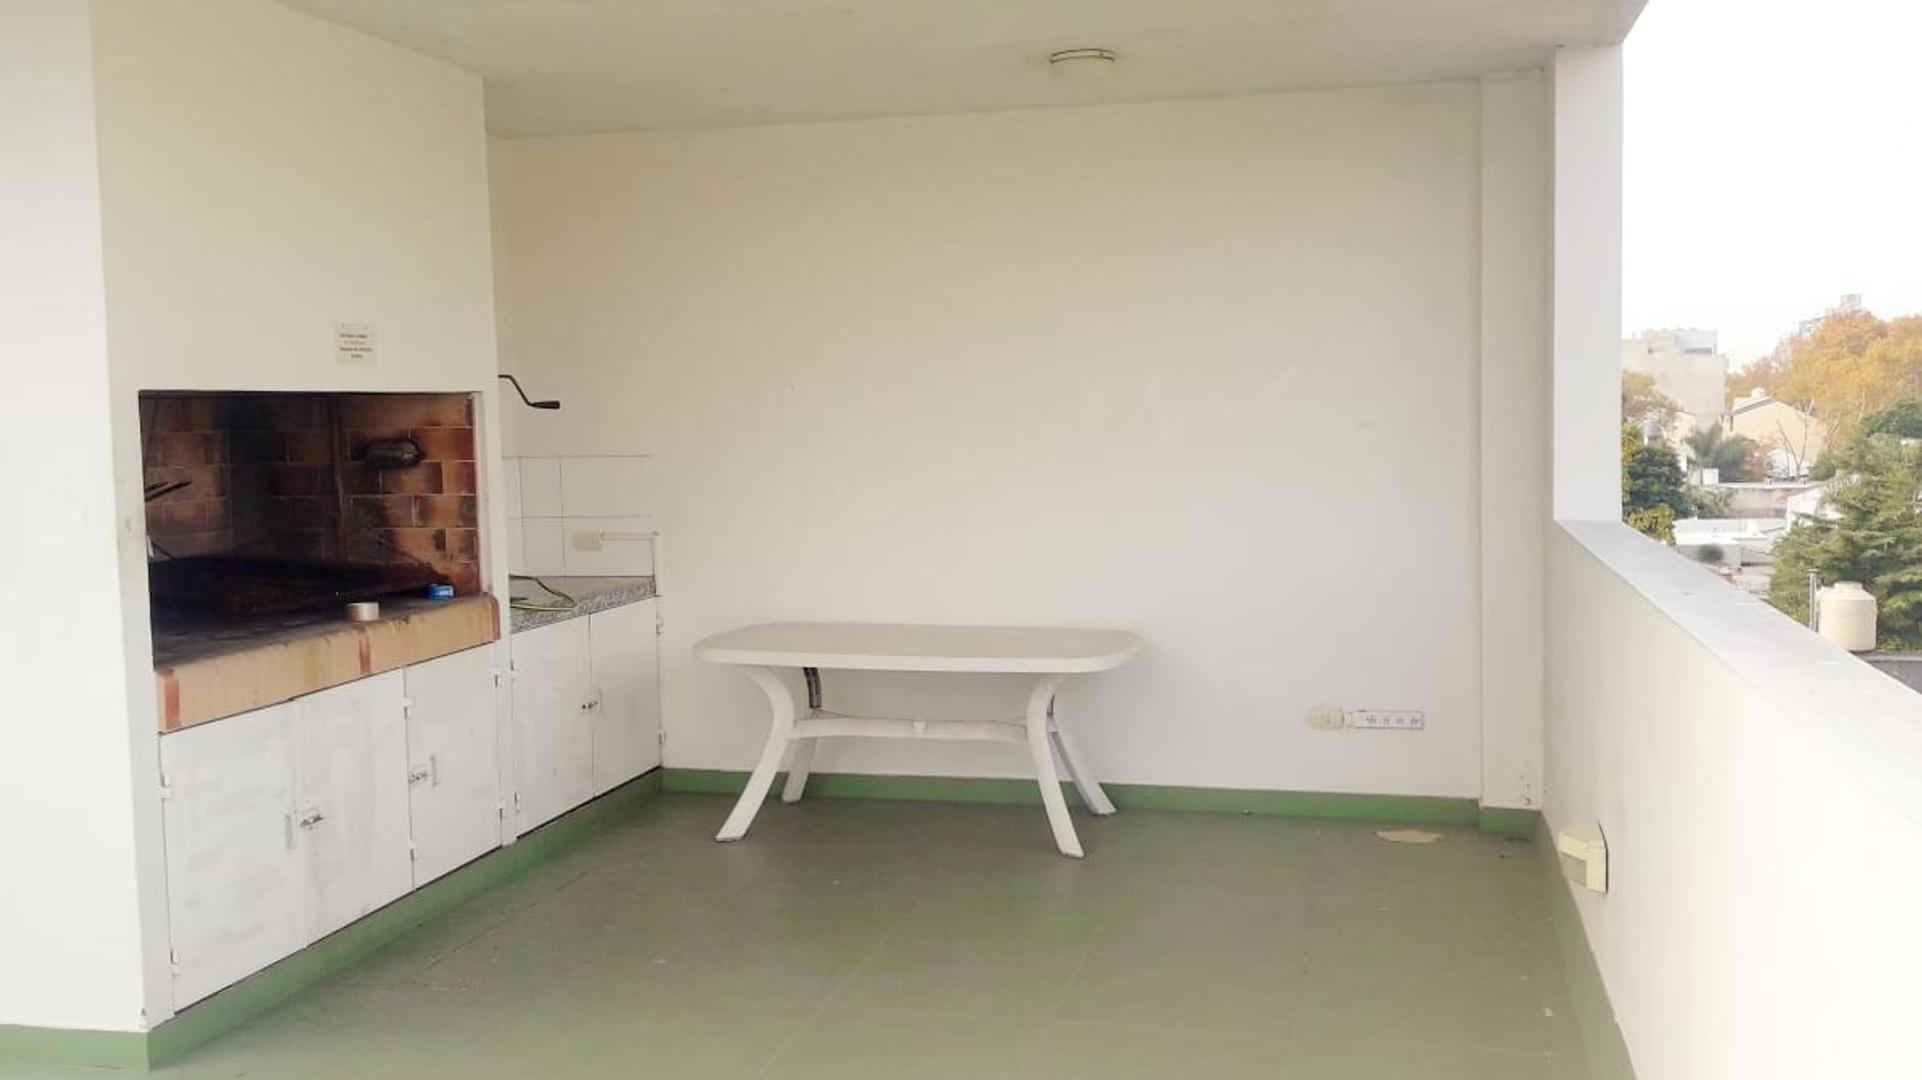 Departamento 2 ambientes con cochera en San Andrés - Foto 18